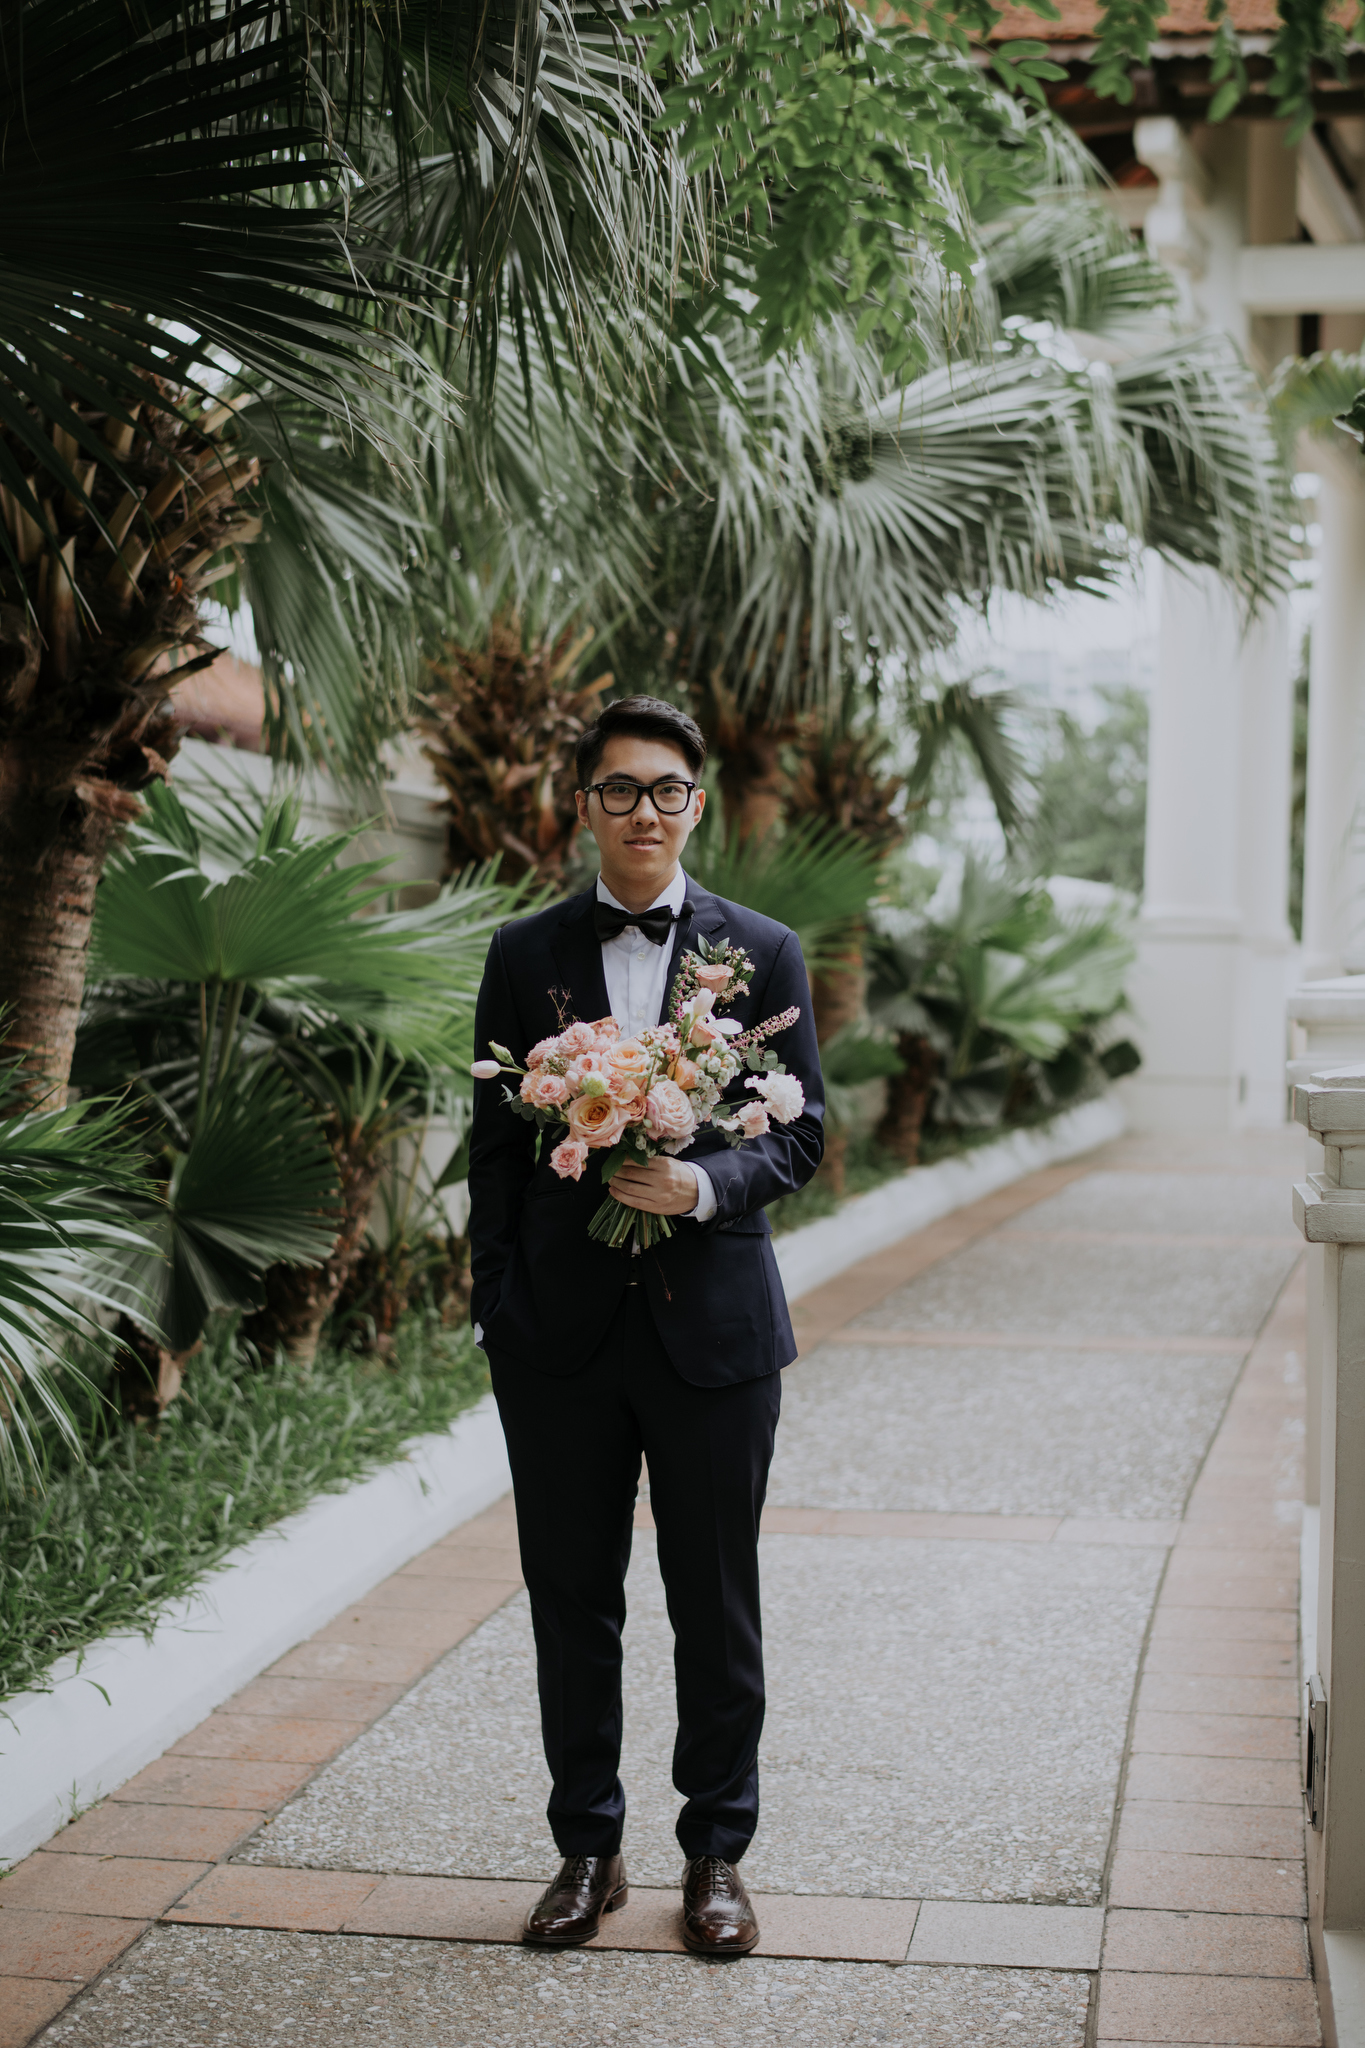 https://huk.s3.amazonaws.com/uploads/image/source/1387/Phuong-Diep-HN-Ceremony-1-0253.JPG